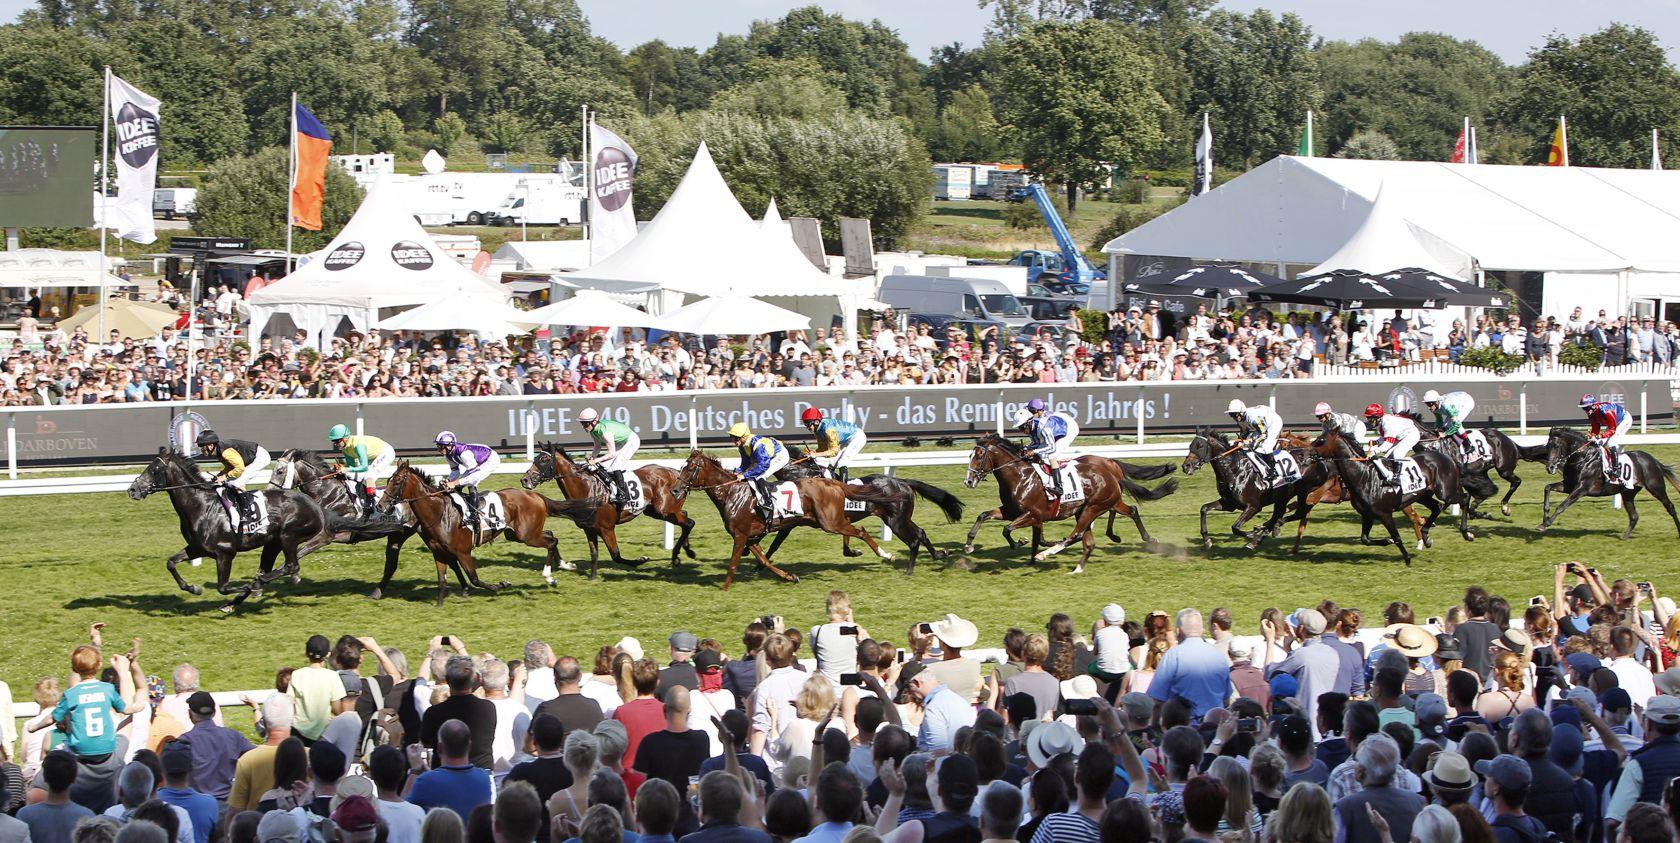 Noch 19 Pferde im IDEE 150. Deutschen Derby